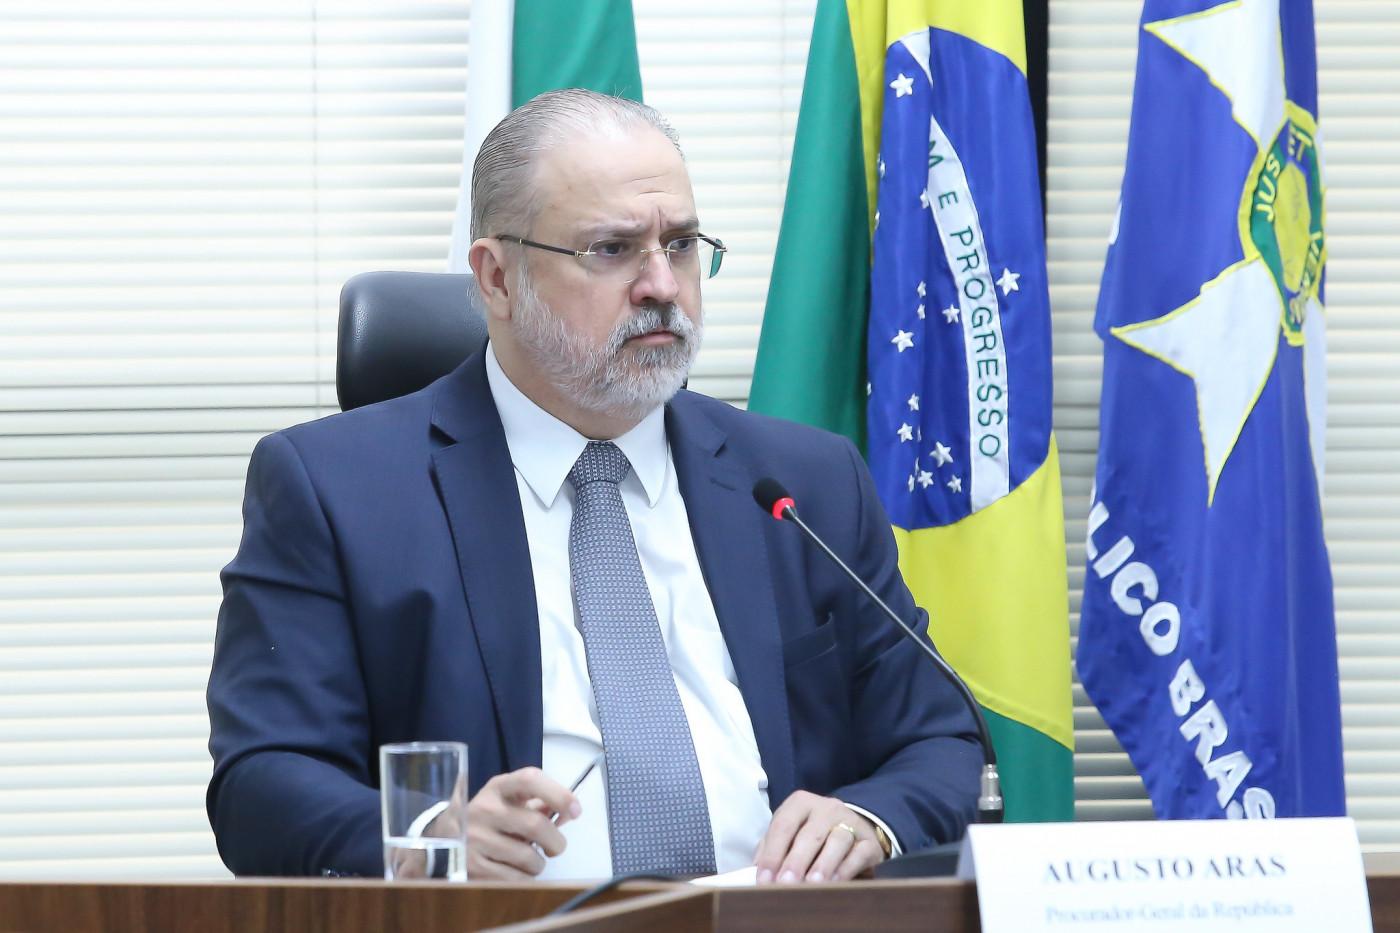 Procurador-geral discursa em evento no Planalto